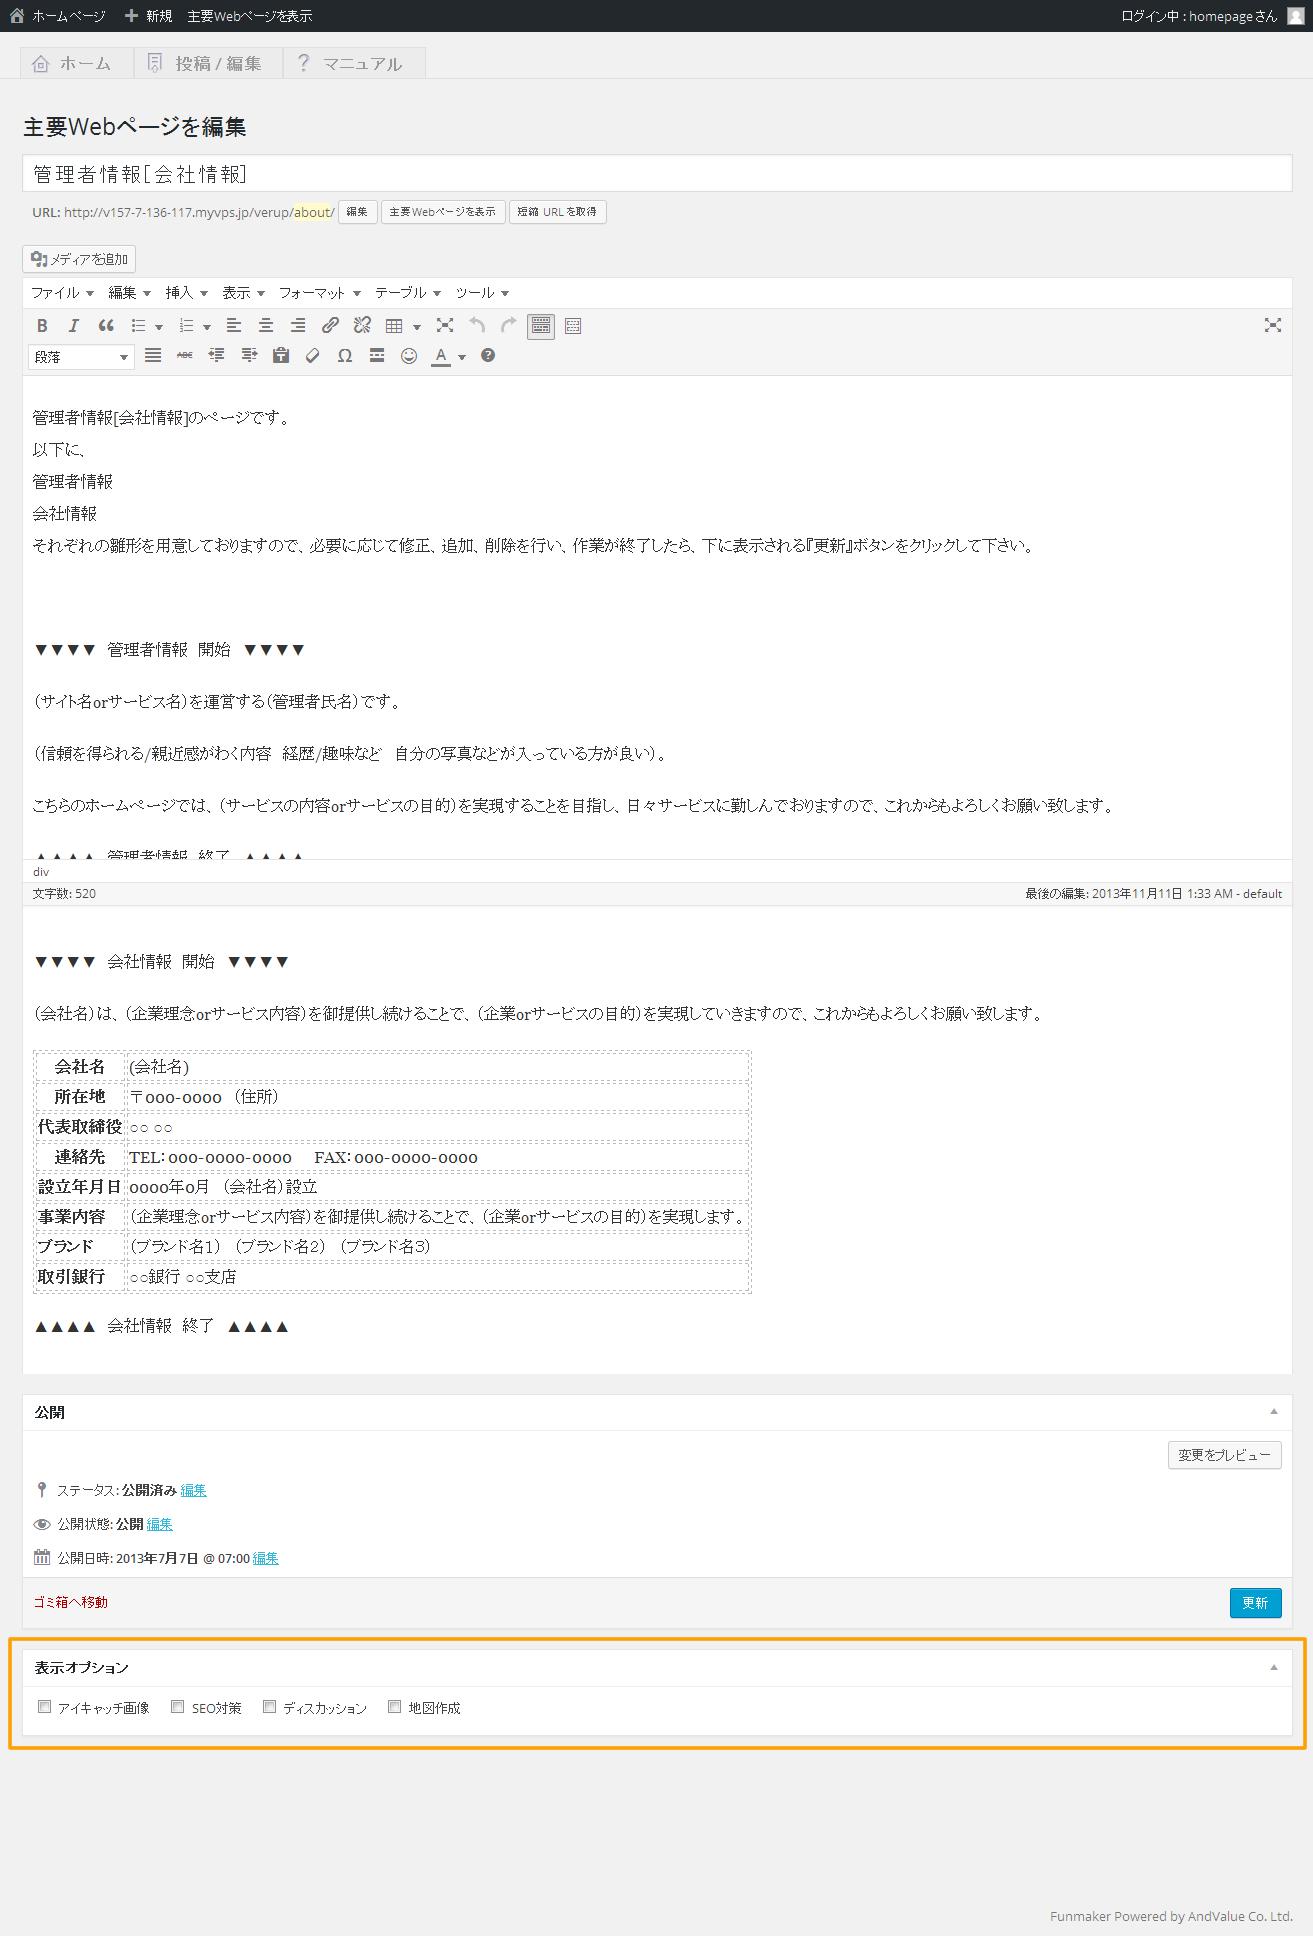 記事編集画面 表示オプション | 簡単格安ホームページ作成サイト - FunMaker